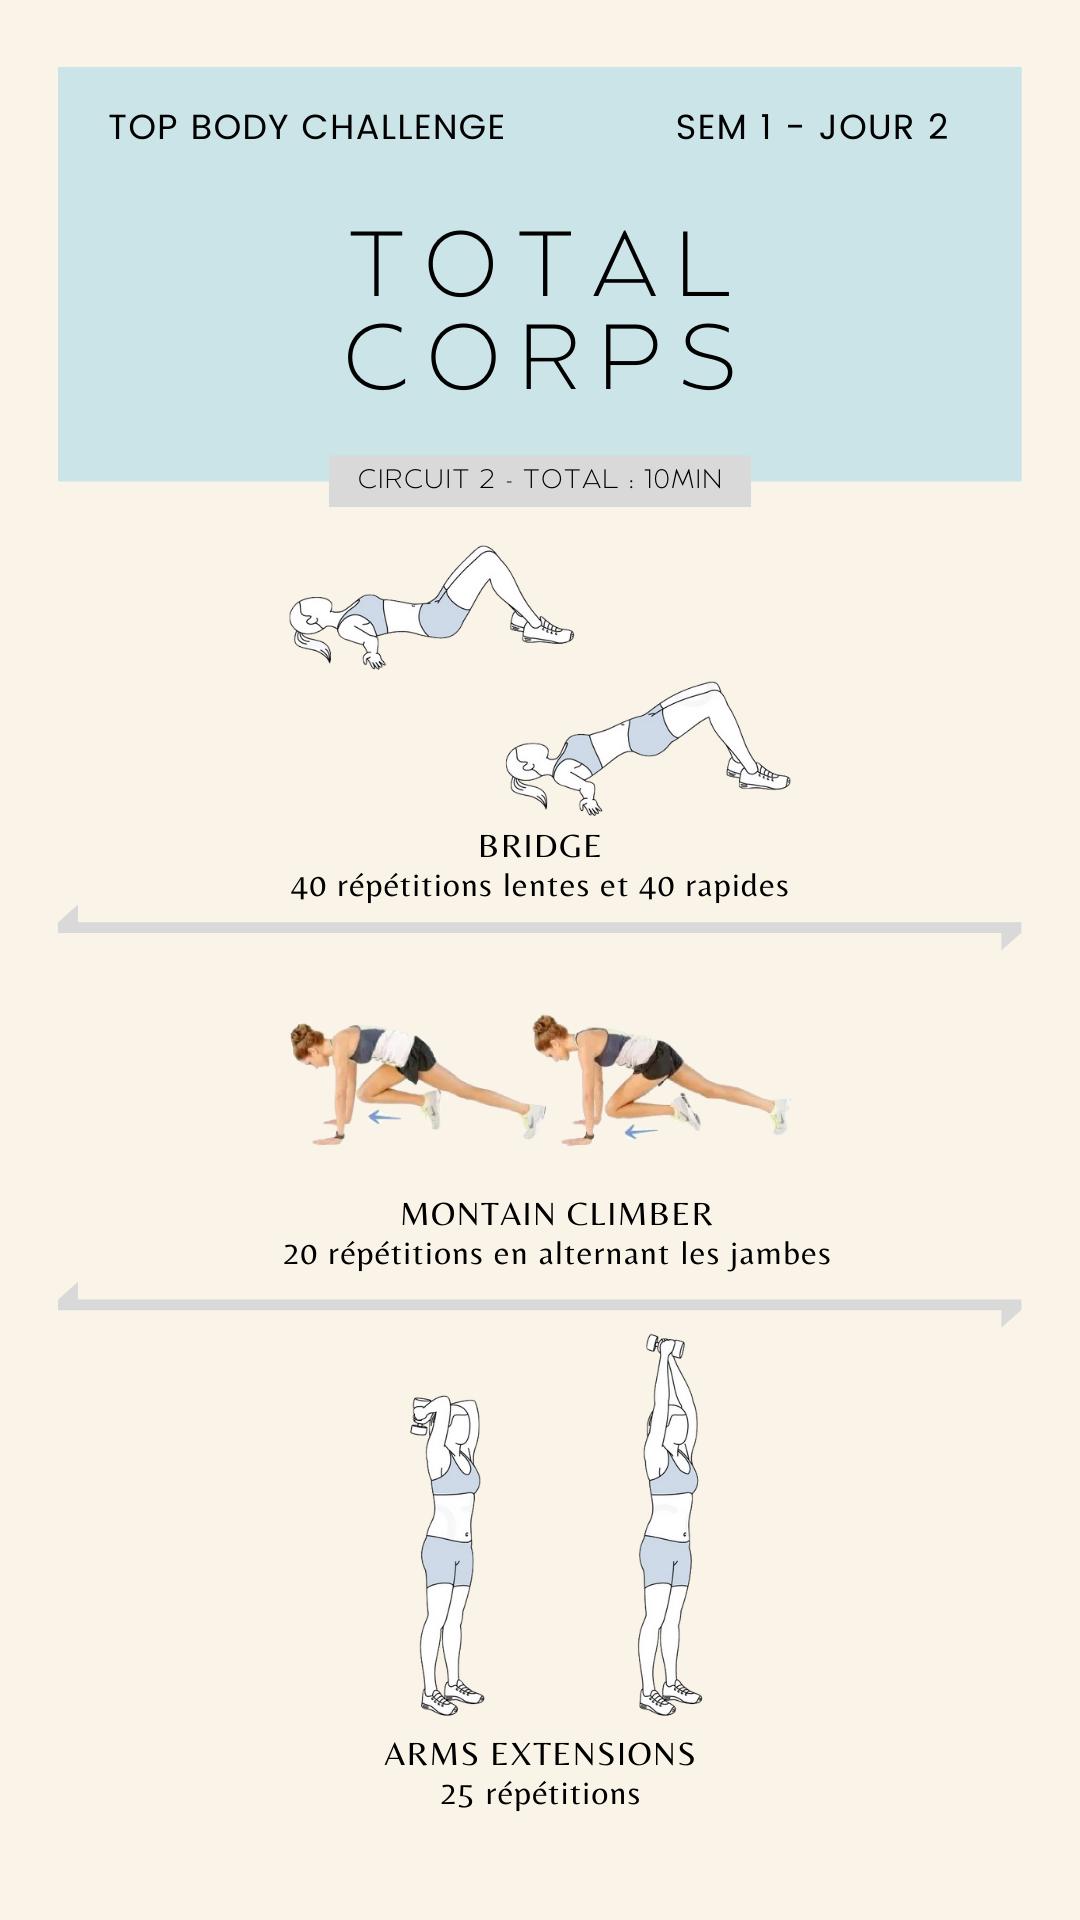 exercice tbs semaine 1